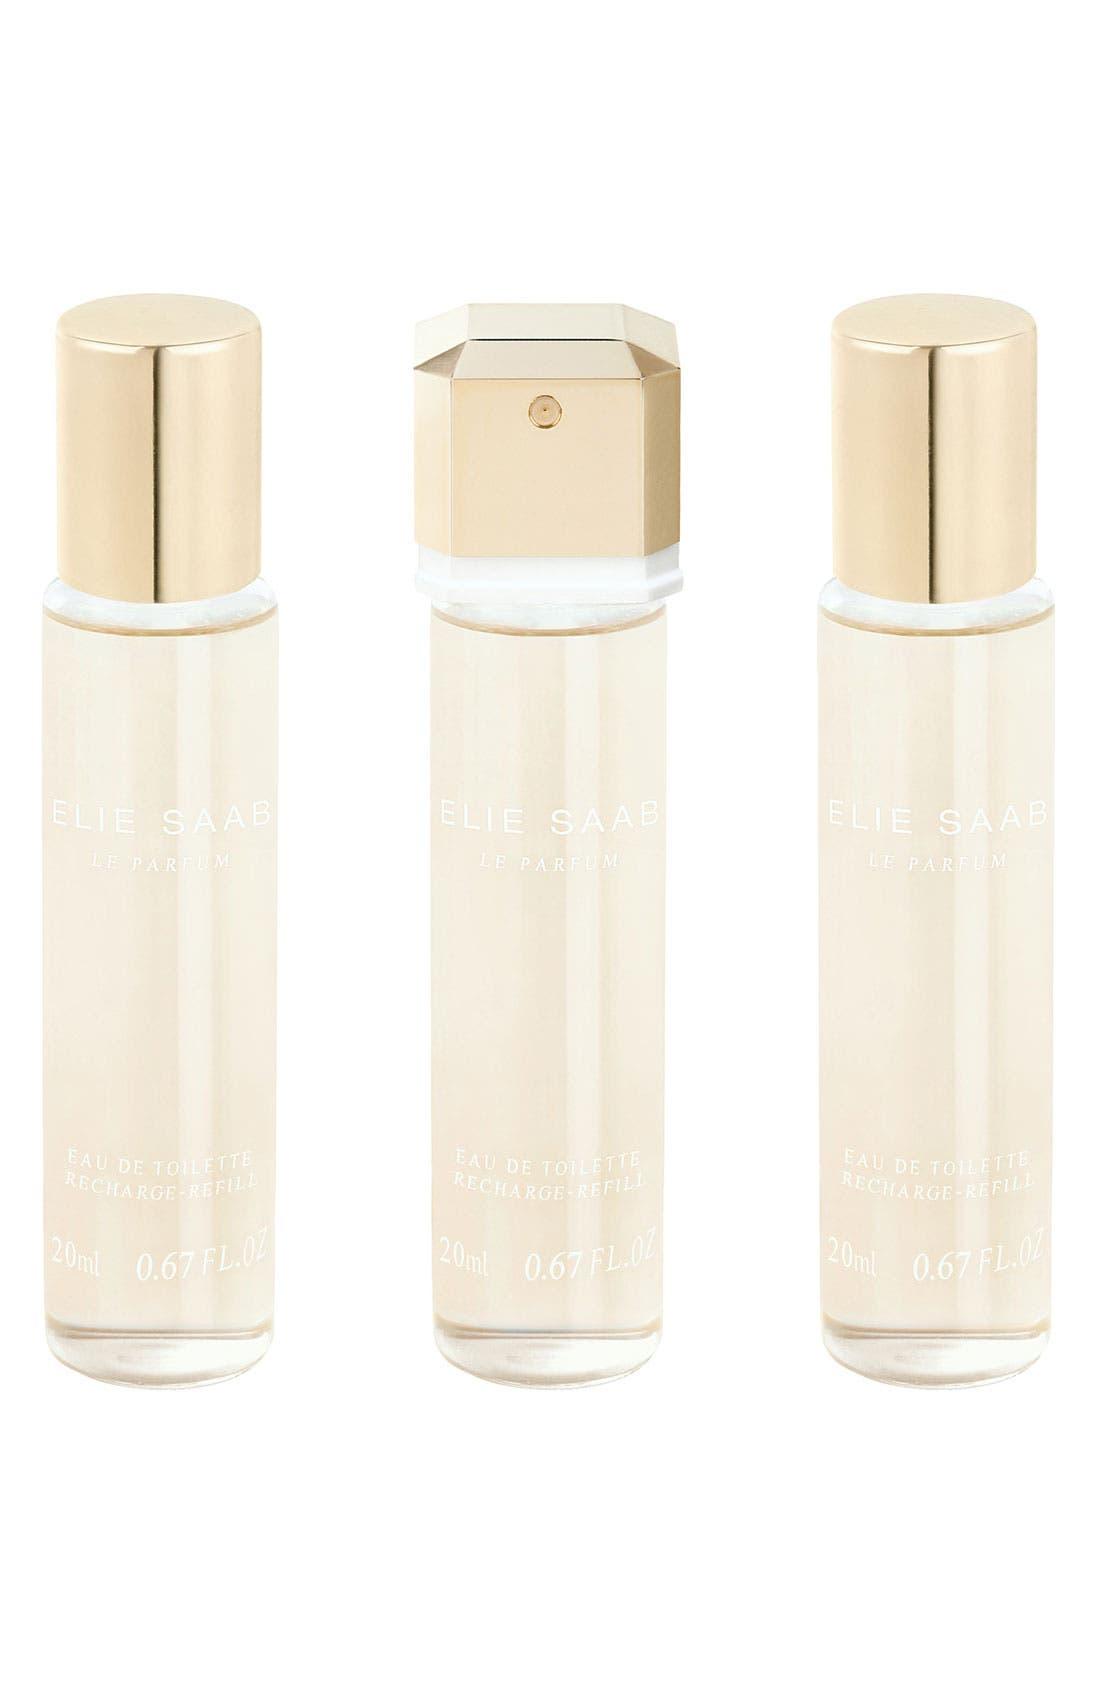 Main Image - Elie Saab 'Le Parfum' Eau de Toilette Refills